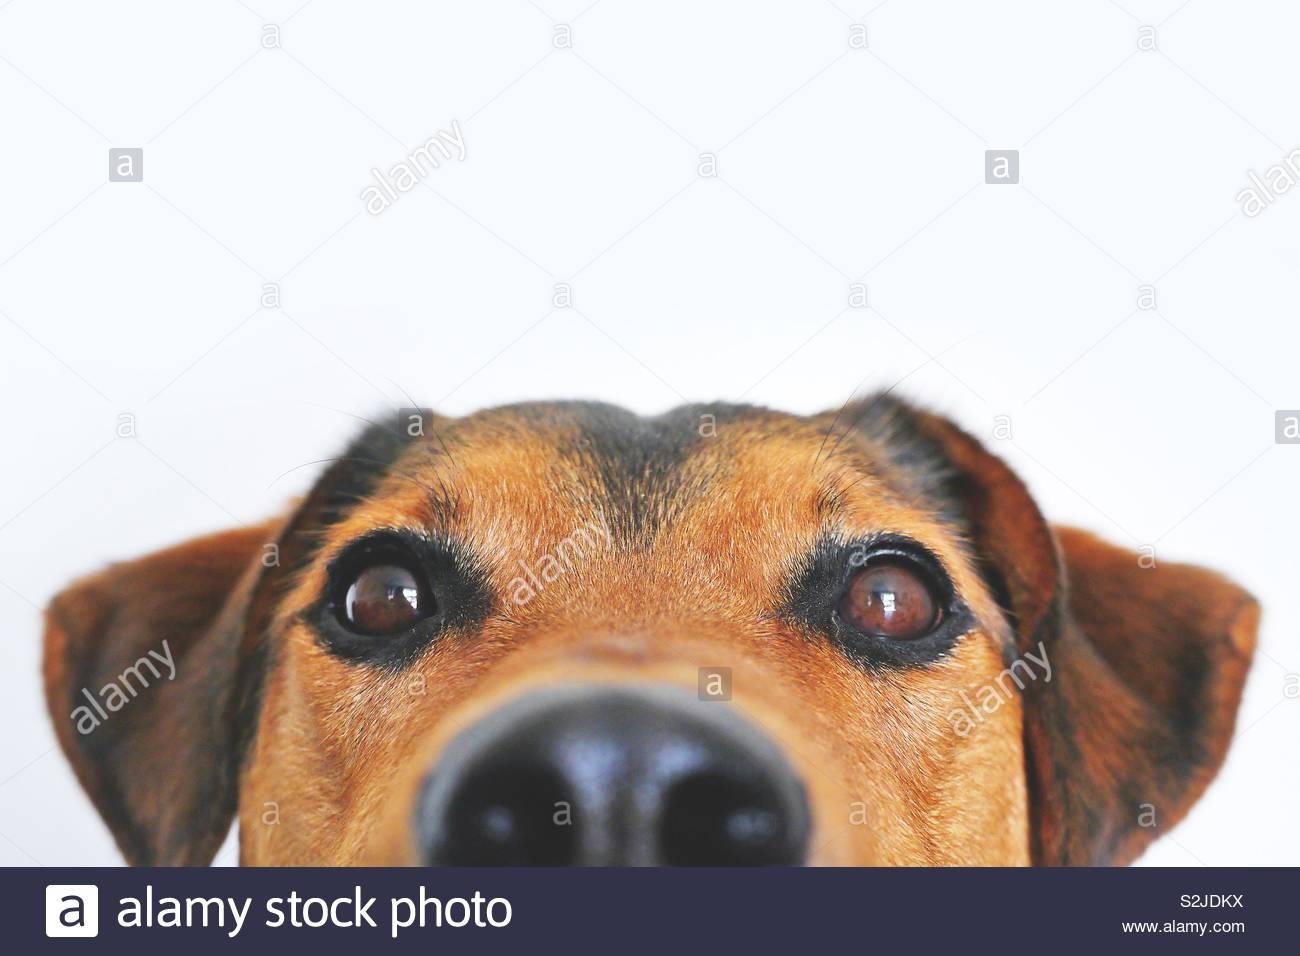 Notre chien Tilda - l'économiseur d'écran de mon fils - pic me fait toujours sourire! Banque D'Images